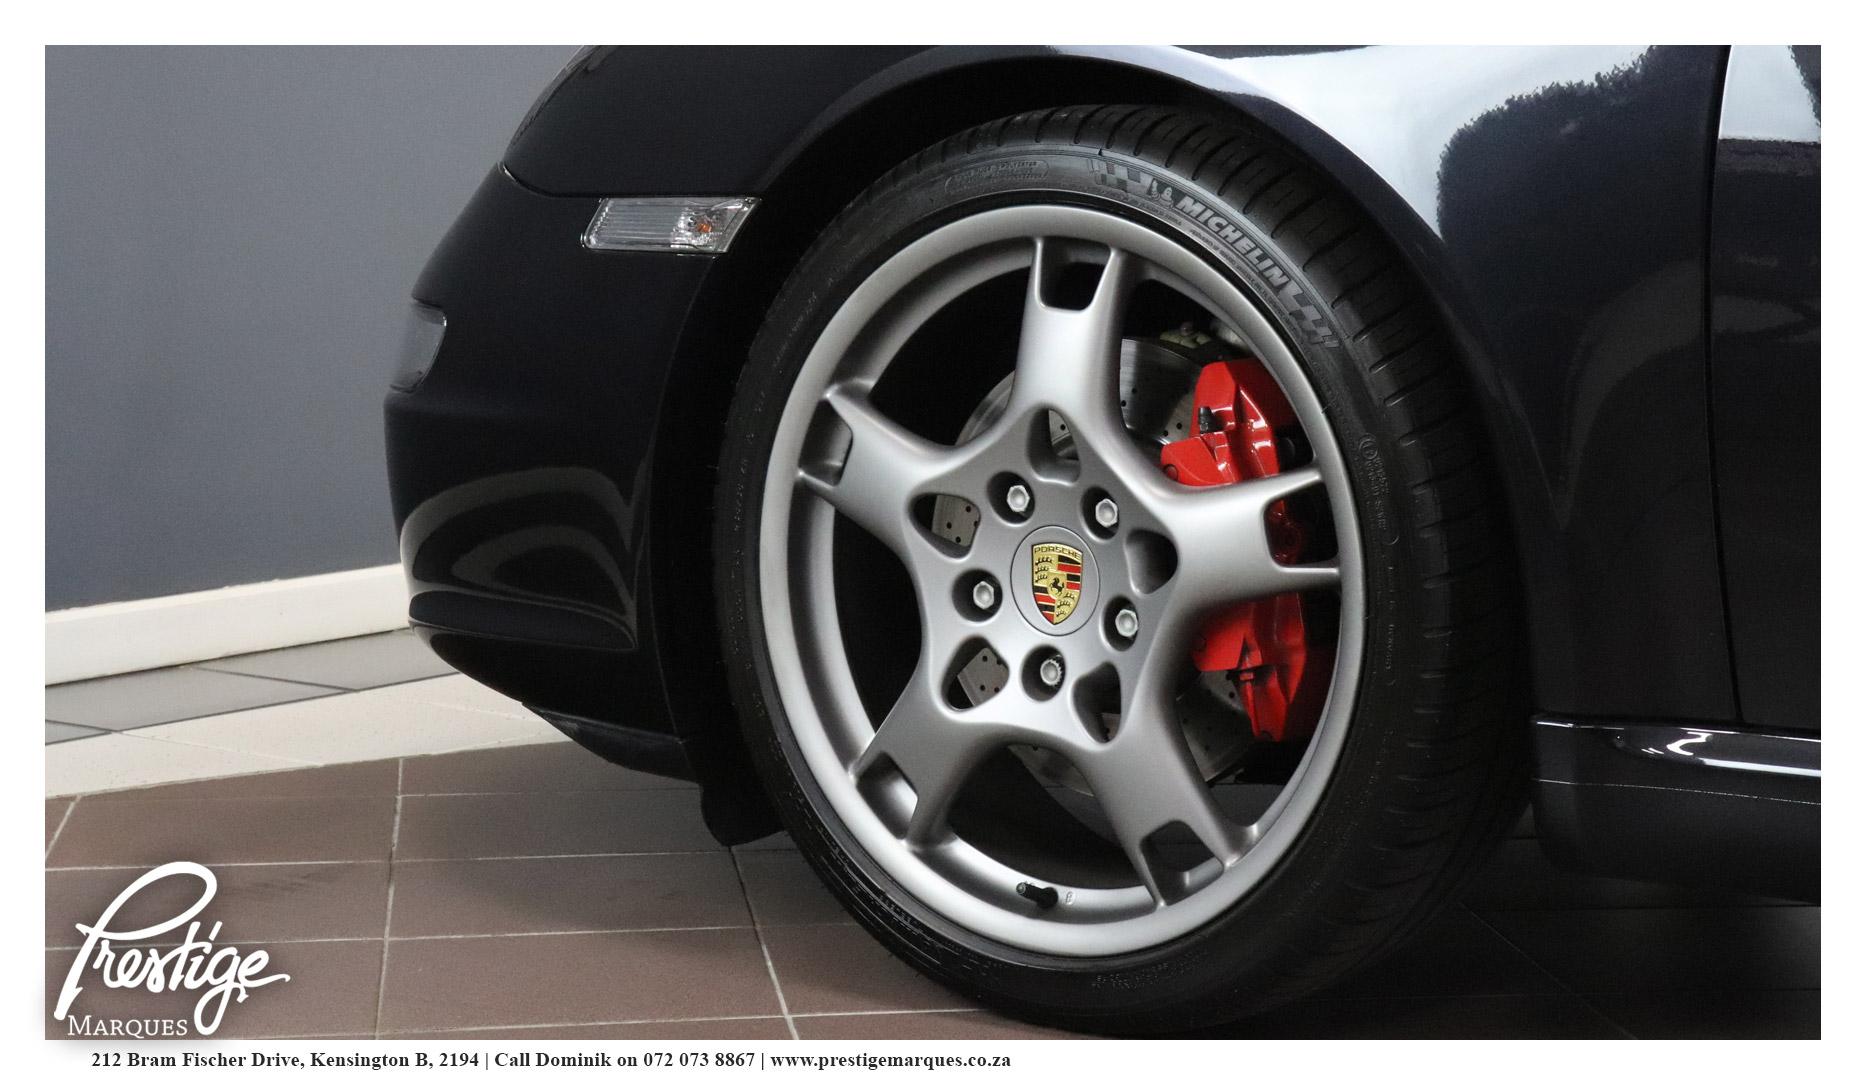 2006-Porsche-911-997-Carrera-S-Manual-Prestige-Marques-Randburg-Sandton-11